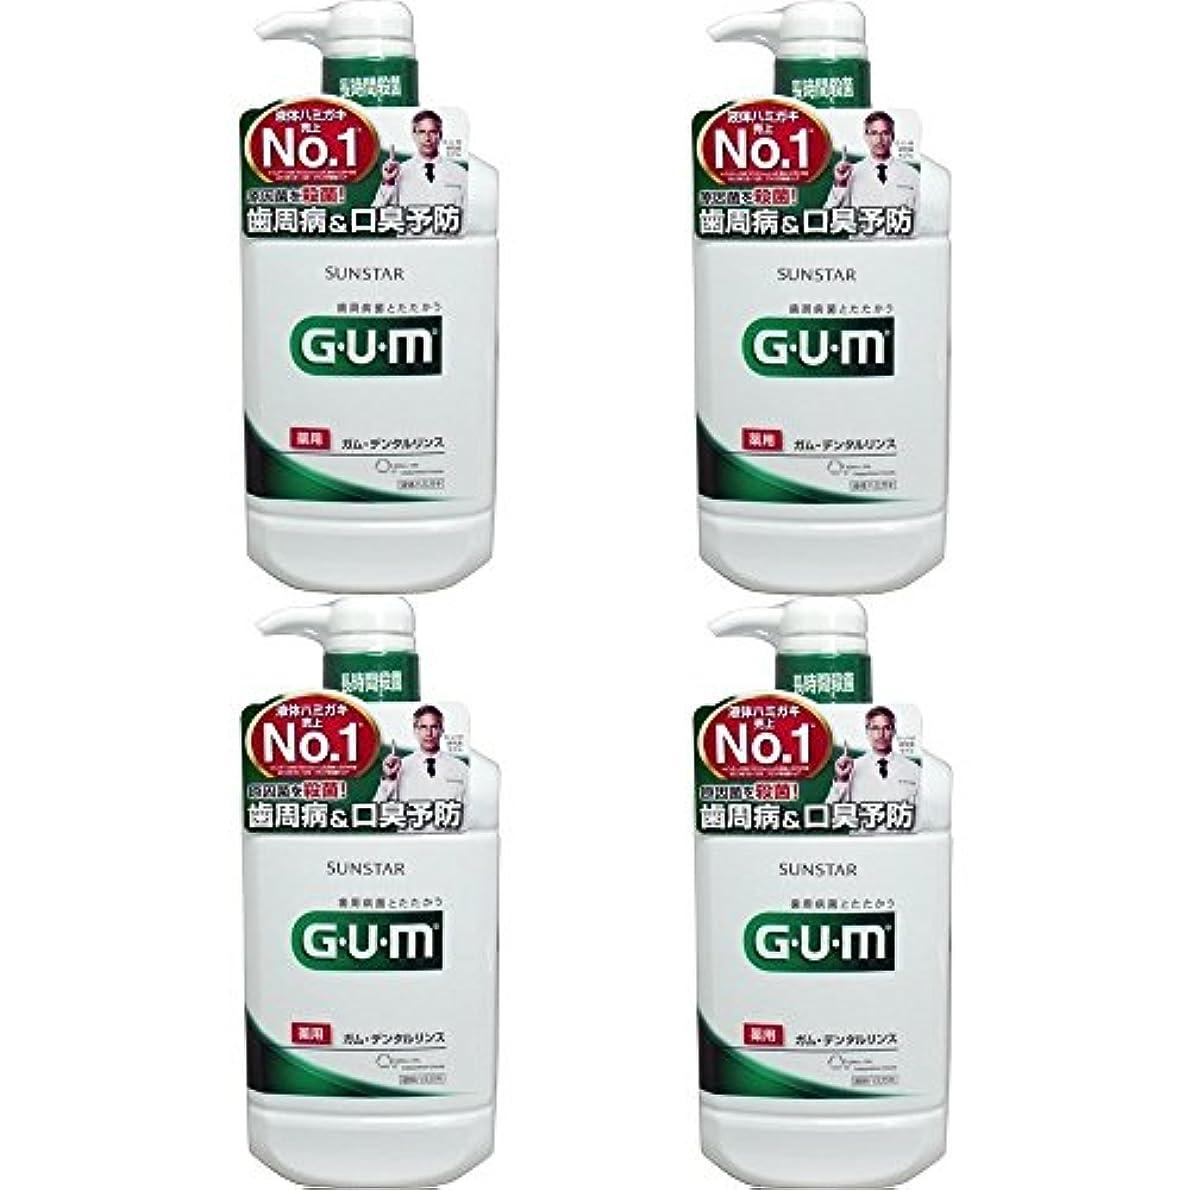 社会学植物学負【セット品】GUM(ガム)?デンタルリンス (レギュラータイプ) 960mL (医薬部外品) (4個)